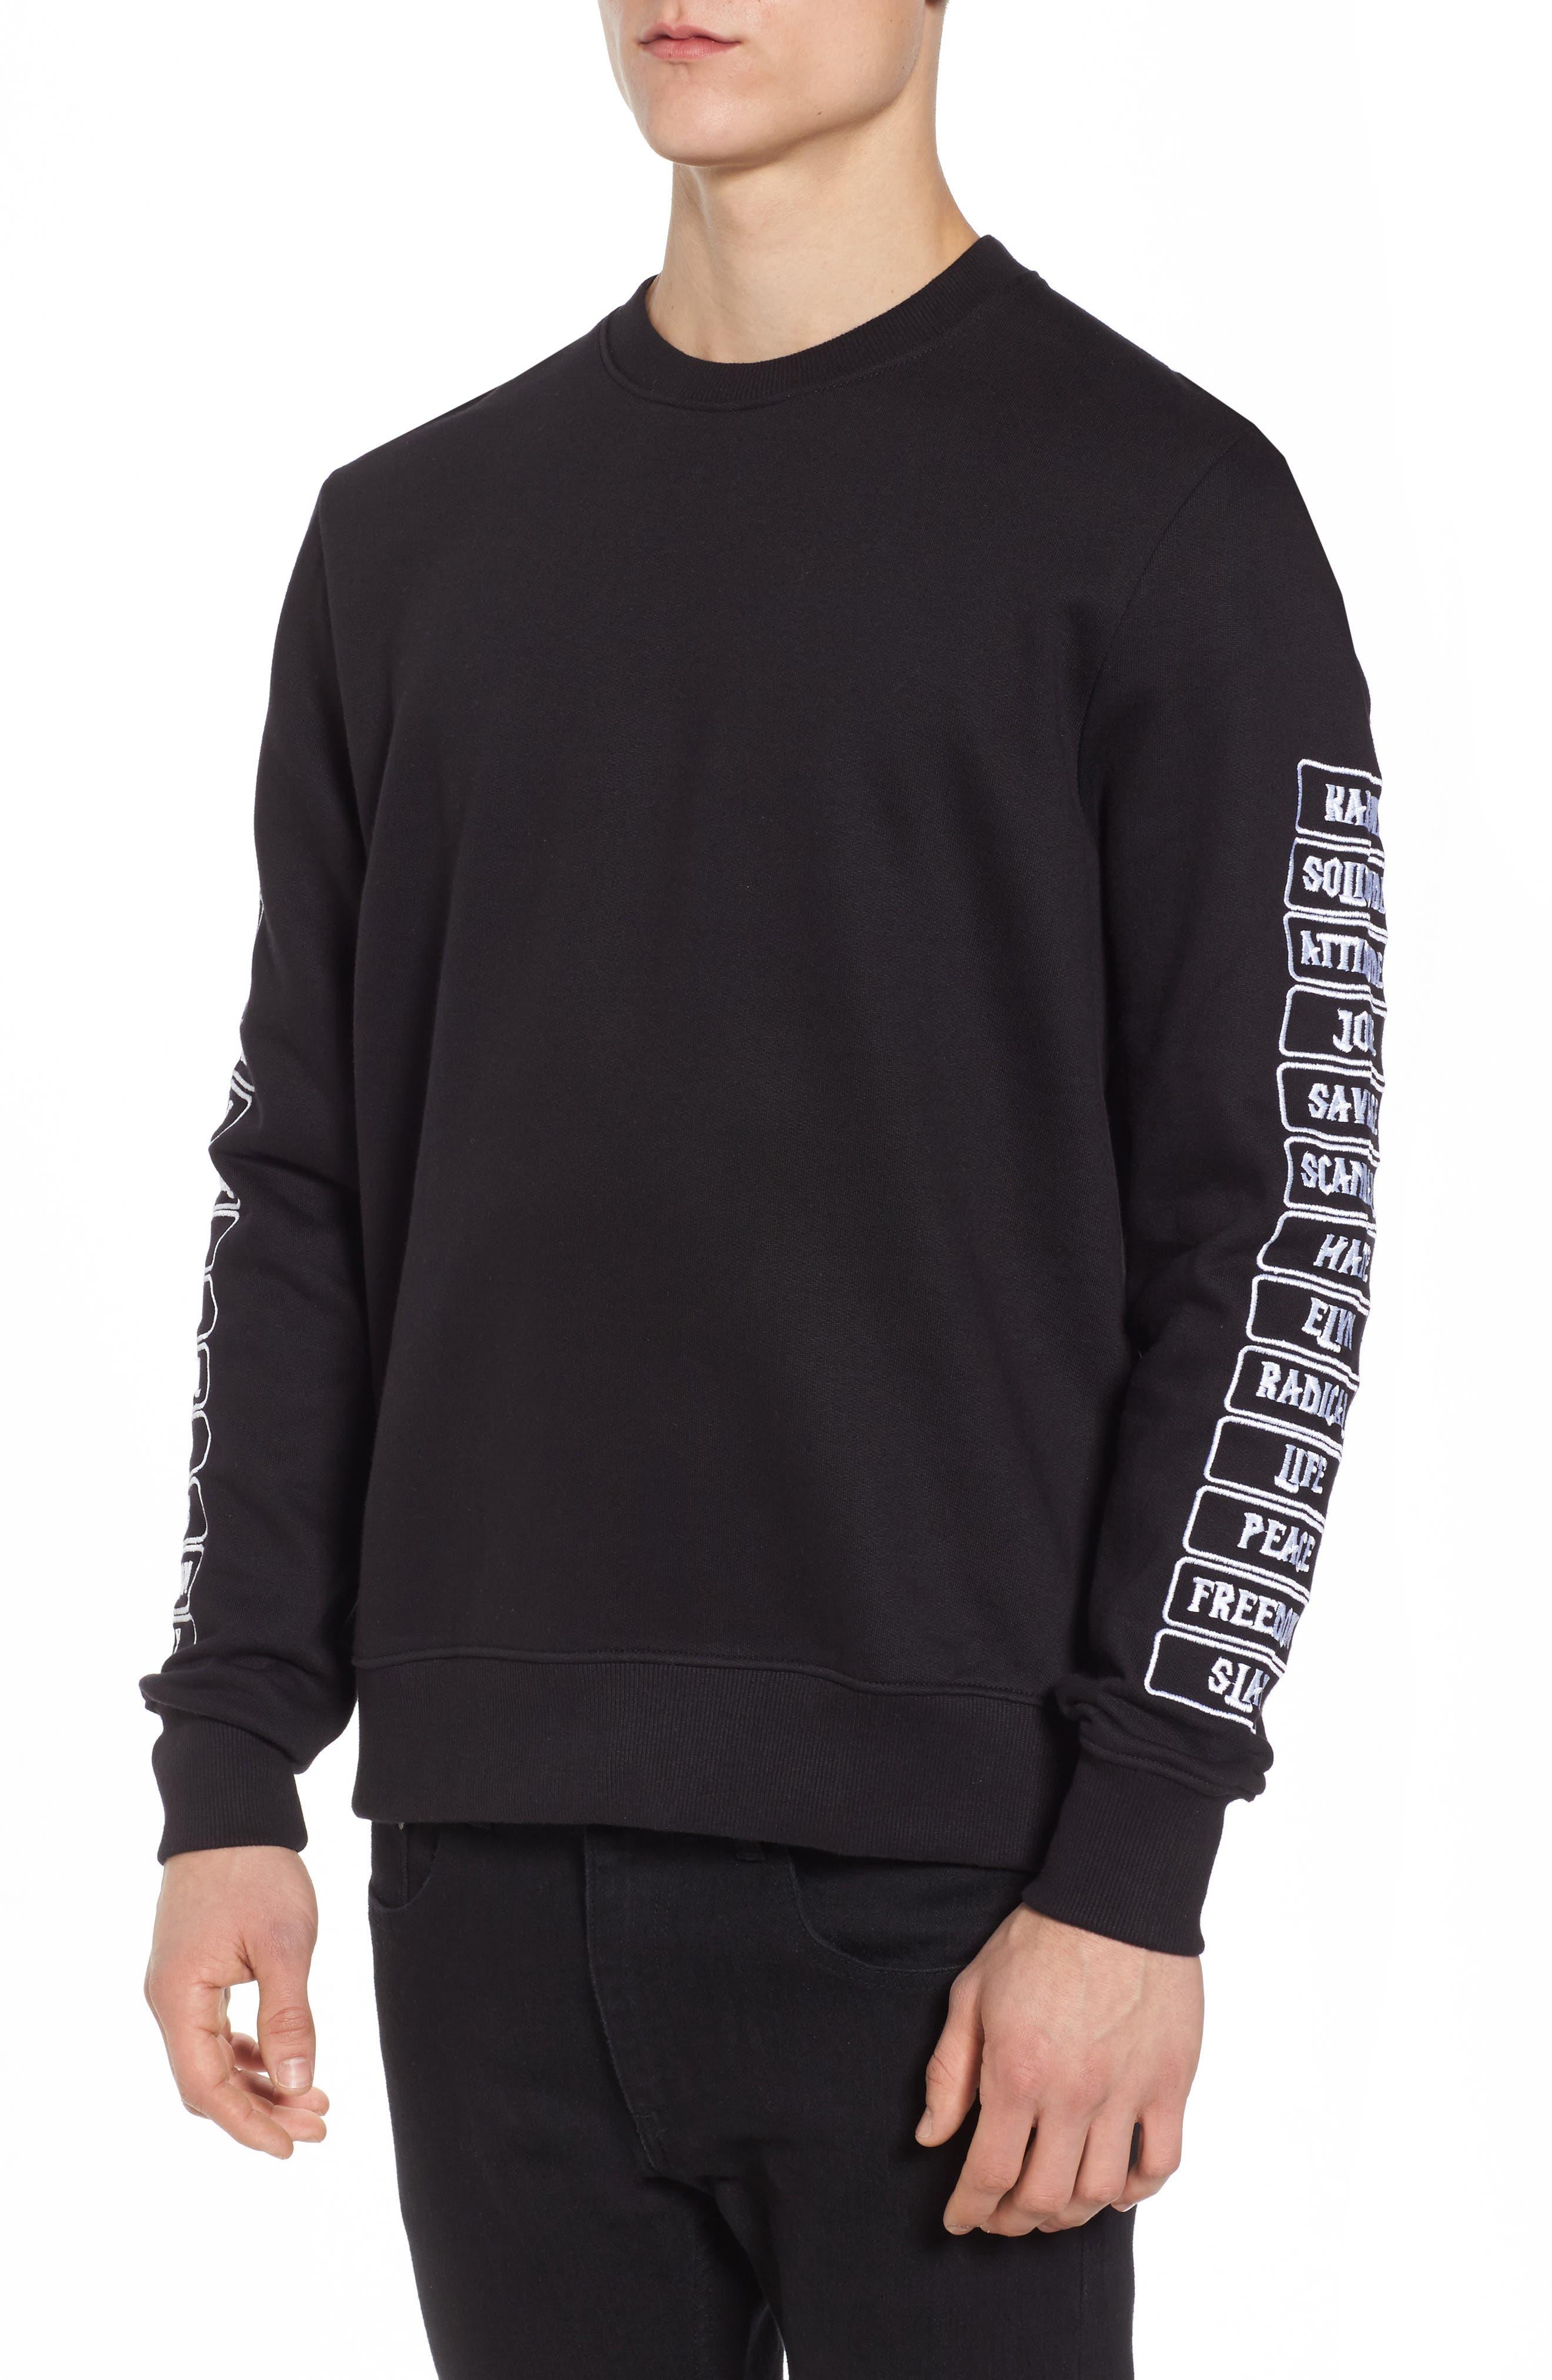 Meace Fleece Sweatshirt,                             Main thumbnail 1, color,                             Black